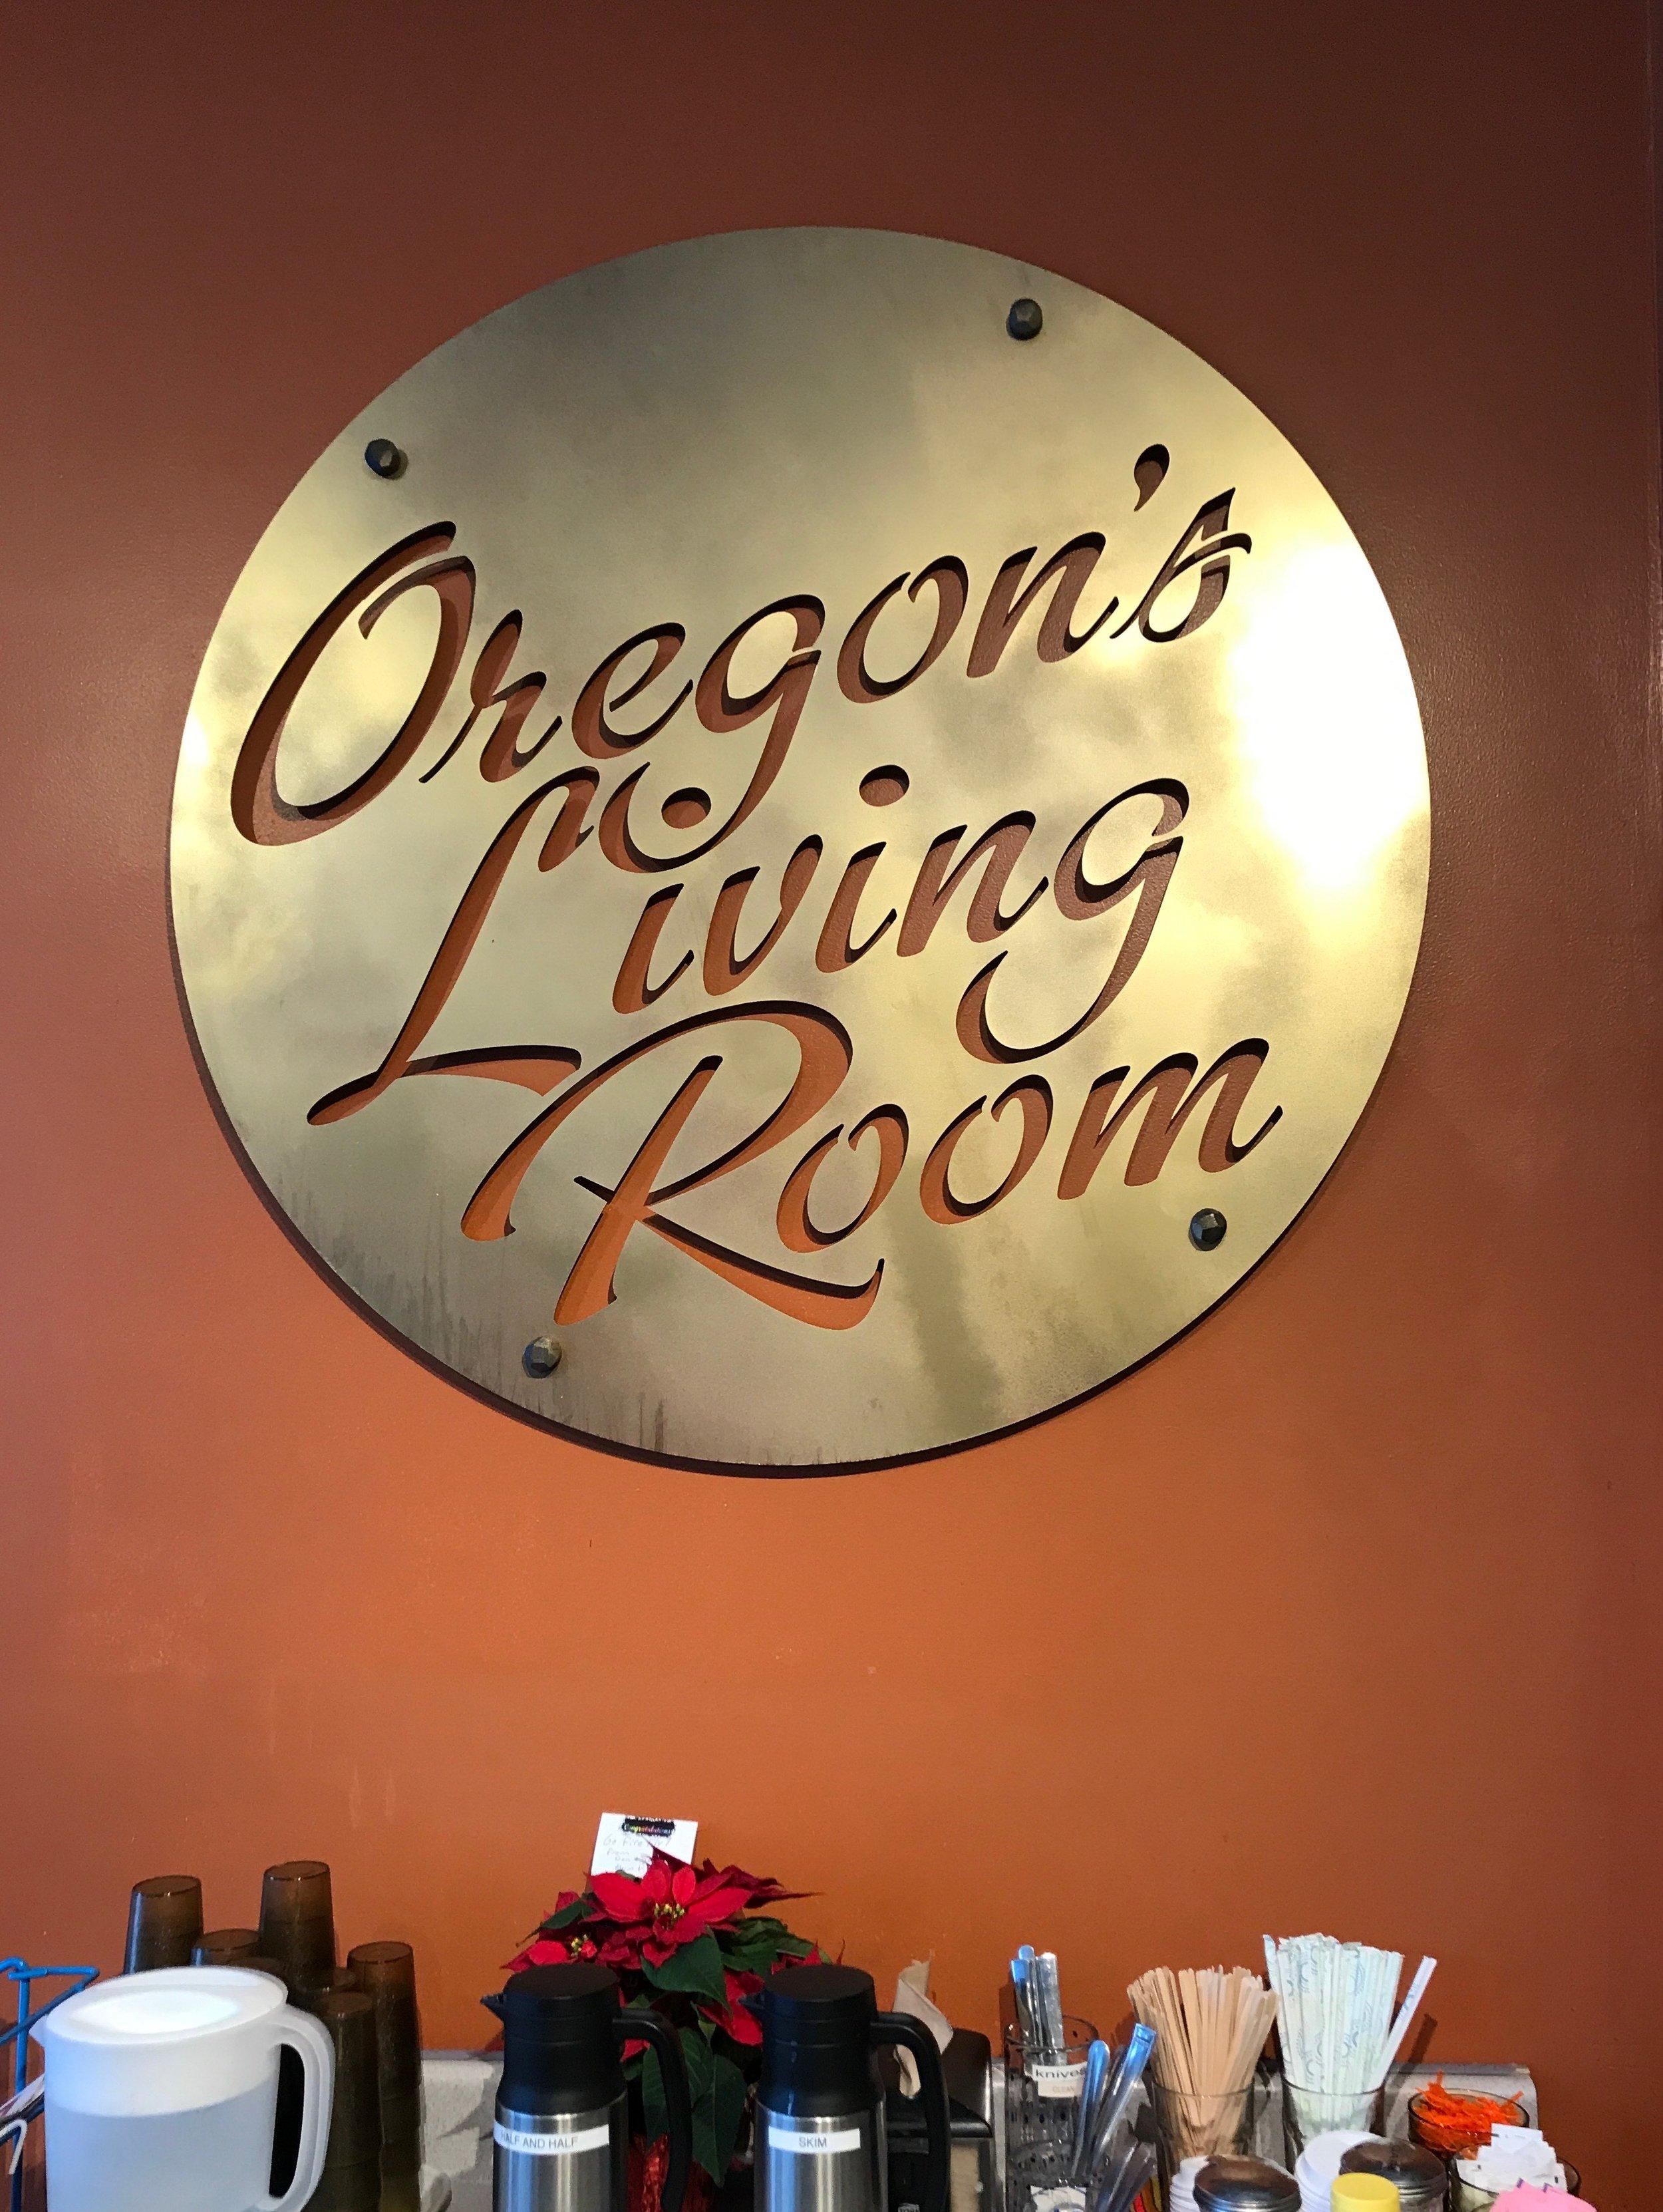 Firefly Coffee House - Oregon, Wi   Size - 4' x 4'